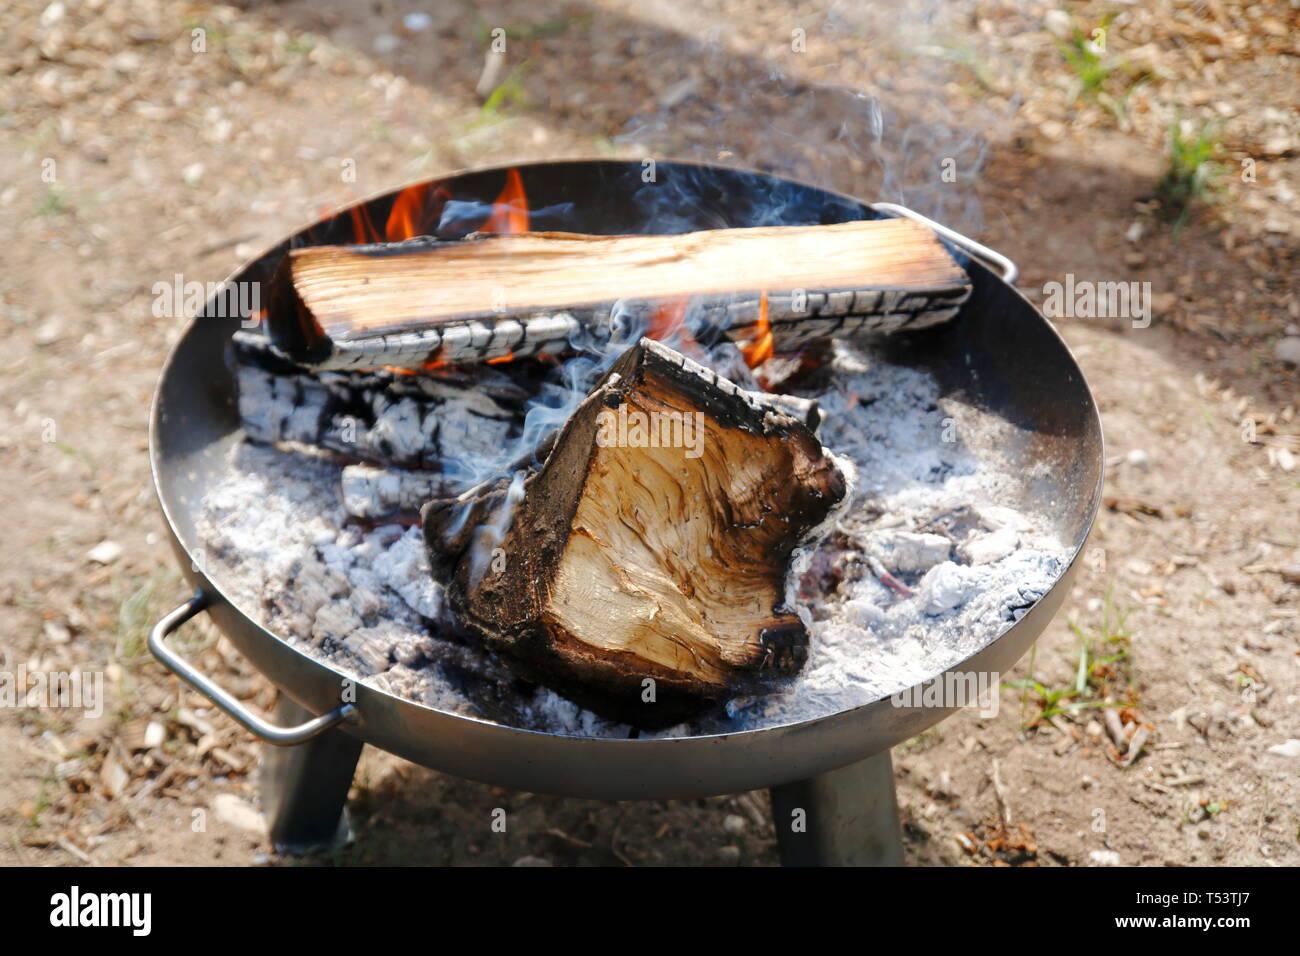 Feuer in einer Feuerschale, großer Holzgrill mit Asche - Stock Image